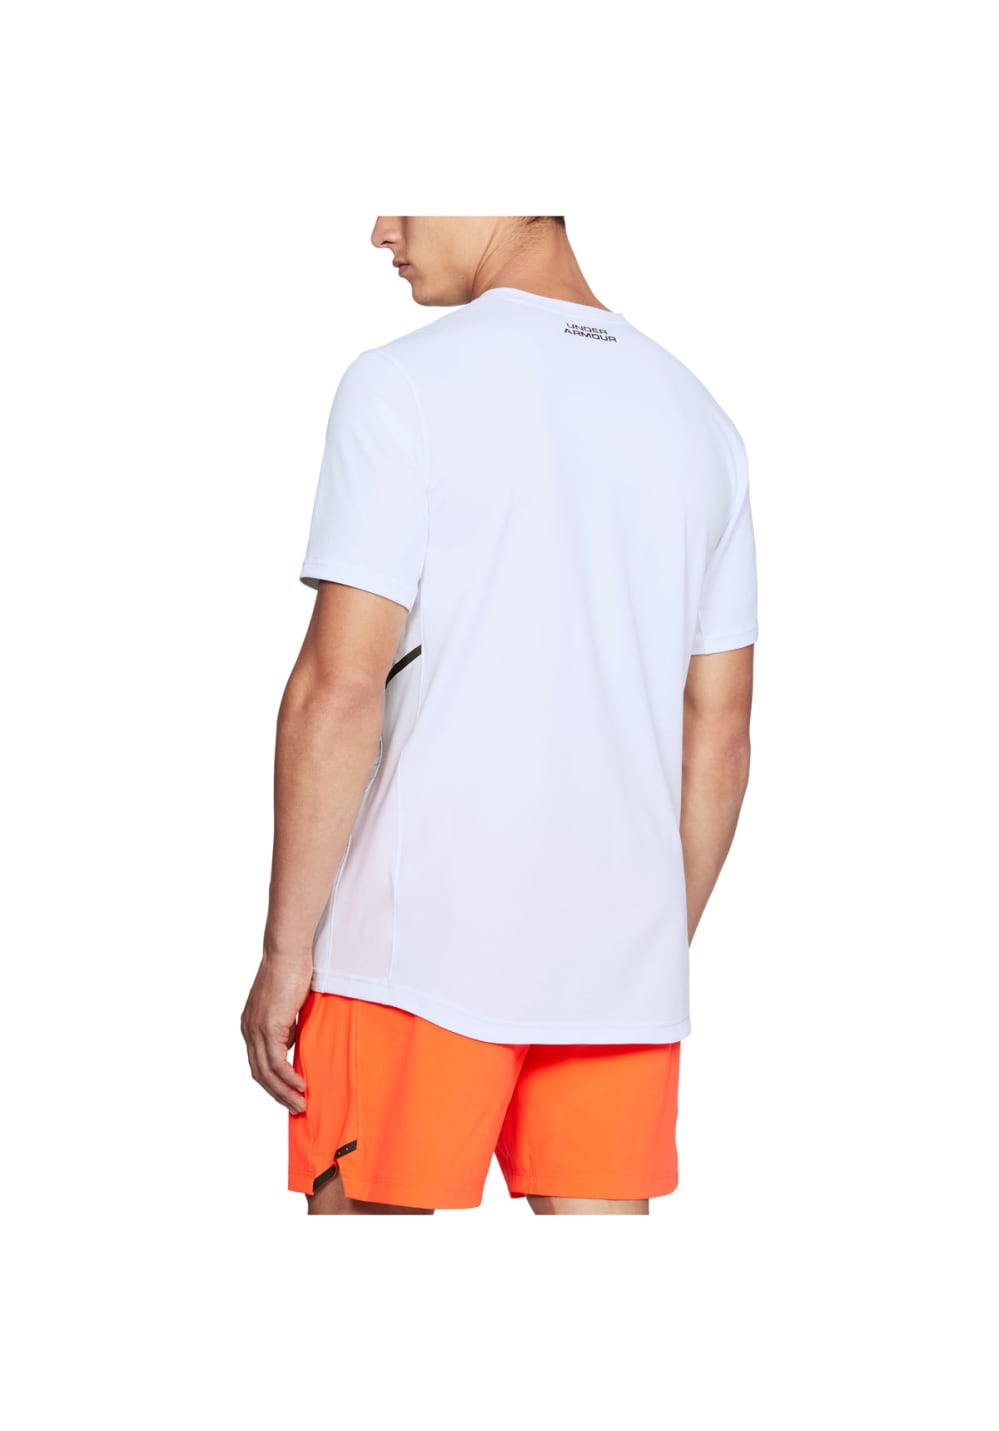 0506b859 Under Armour Forge V Neck Novelty - Fitness tops for Men - White   21RUN